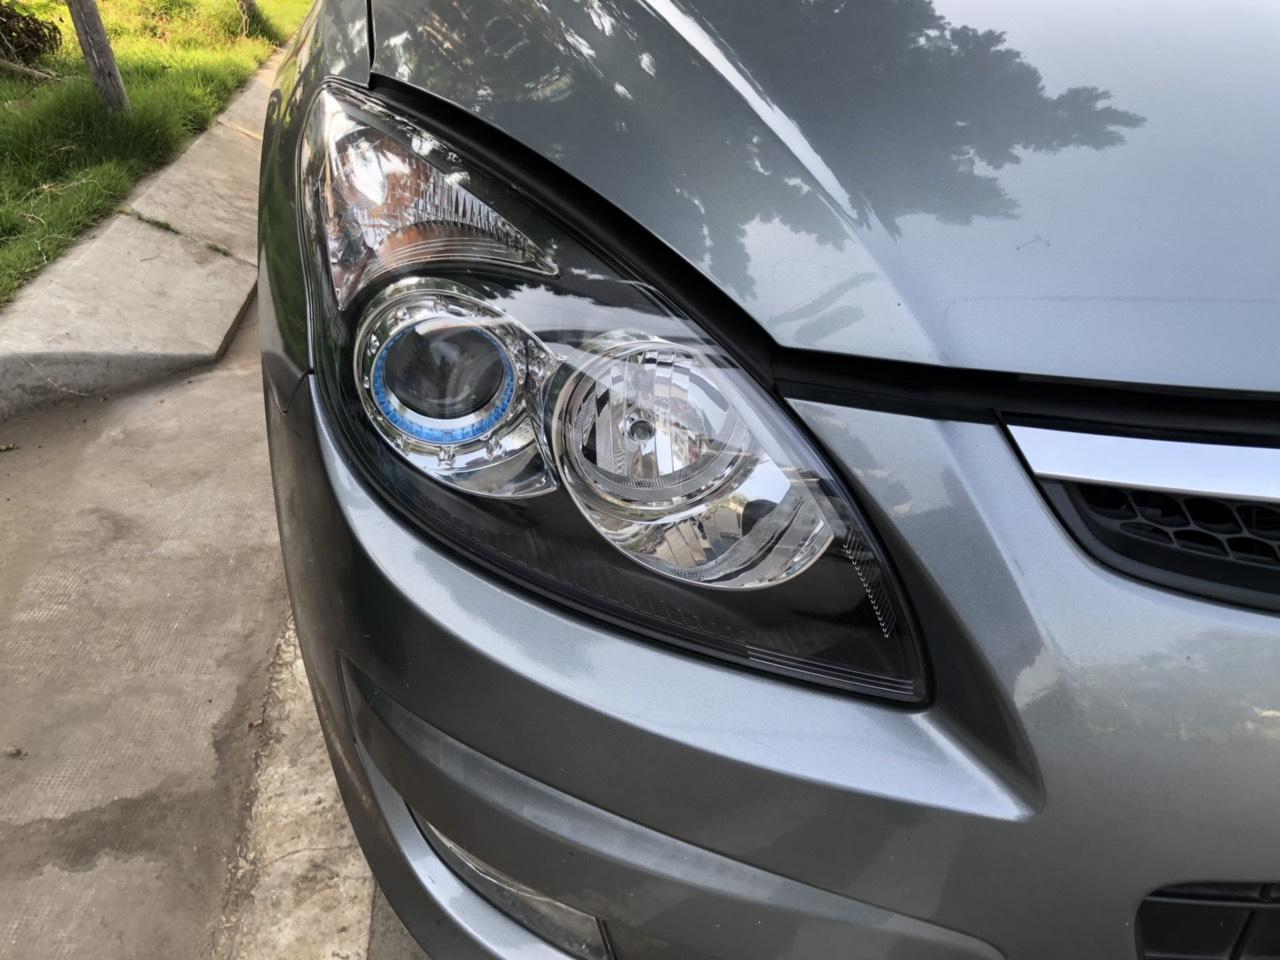 Bán Hyundai I30 CW 1.6AT màu xám chuột số tự động nhập Hàn Quốc 2010 một chủ đi 47000km